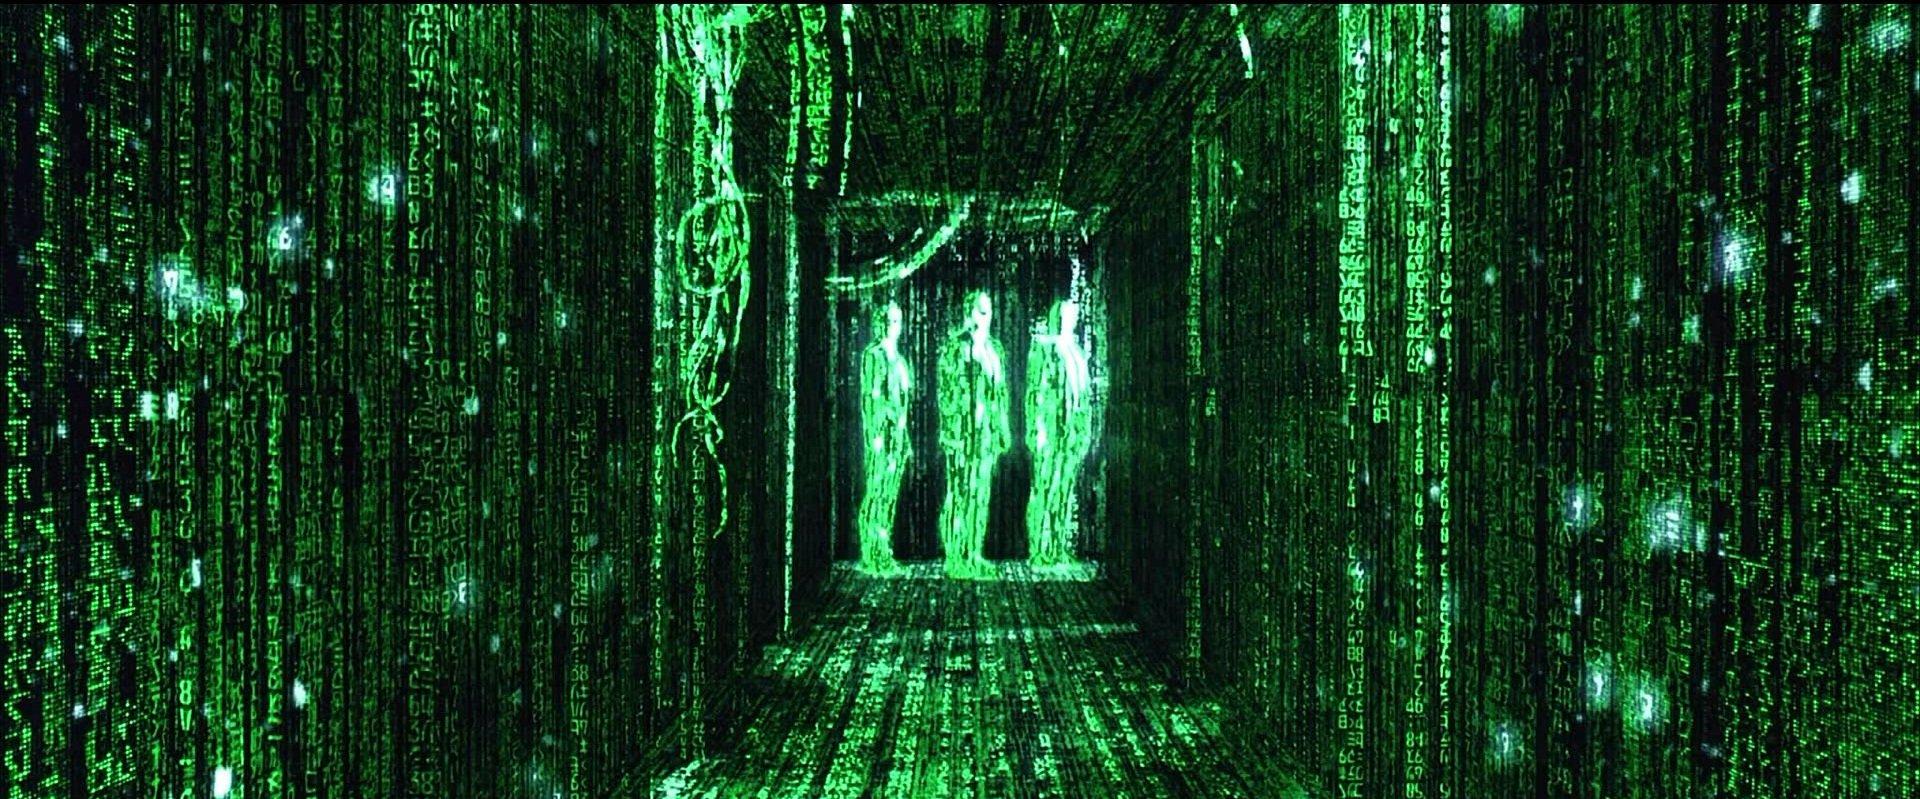 матрица 1999 15 лет матрице андрей загудаев юрий красавин disgusting men com матрица скачать бесплатно смотреть онлайн